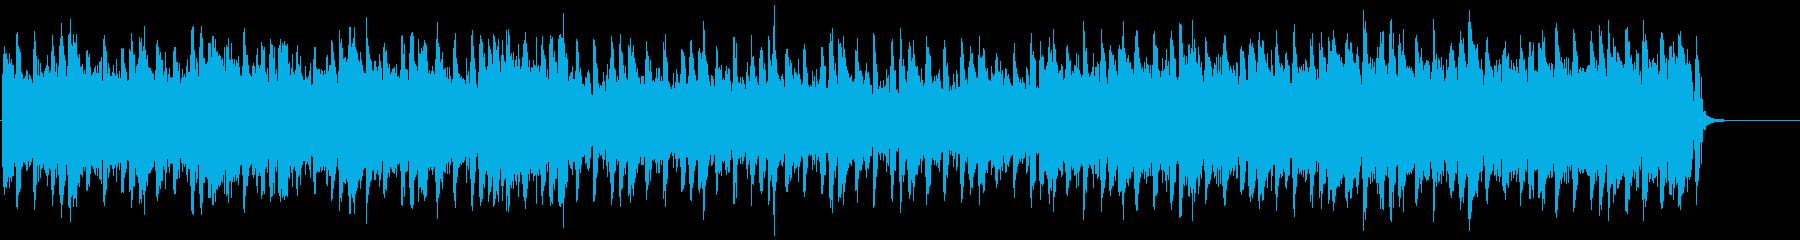 【キック抜き】爽やかで力強いストリングスの再生済みの波形